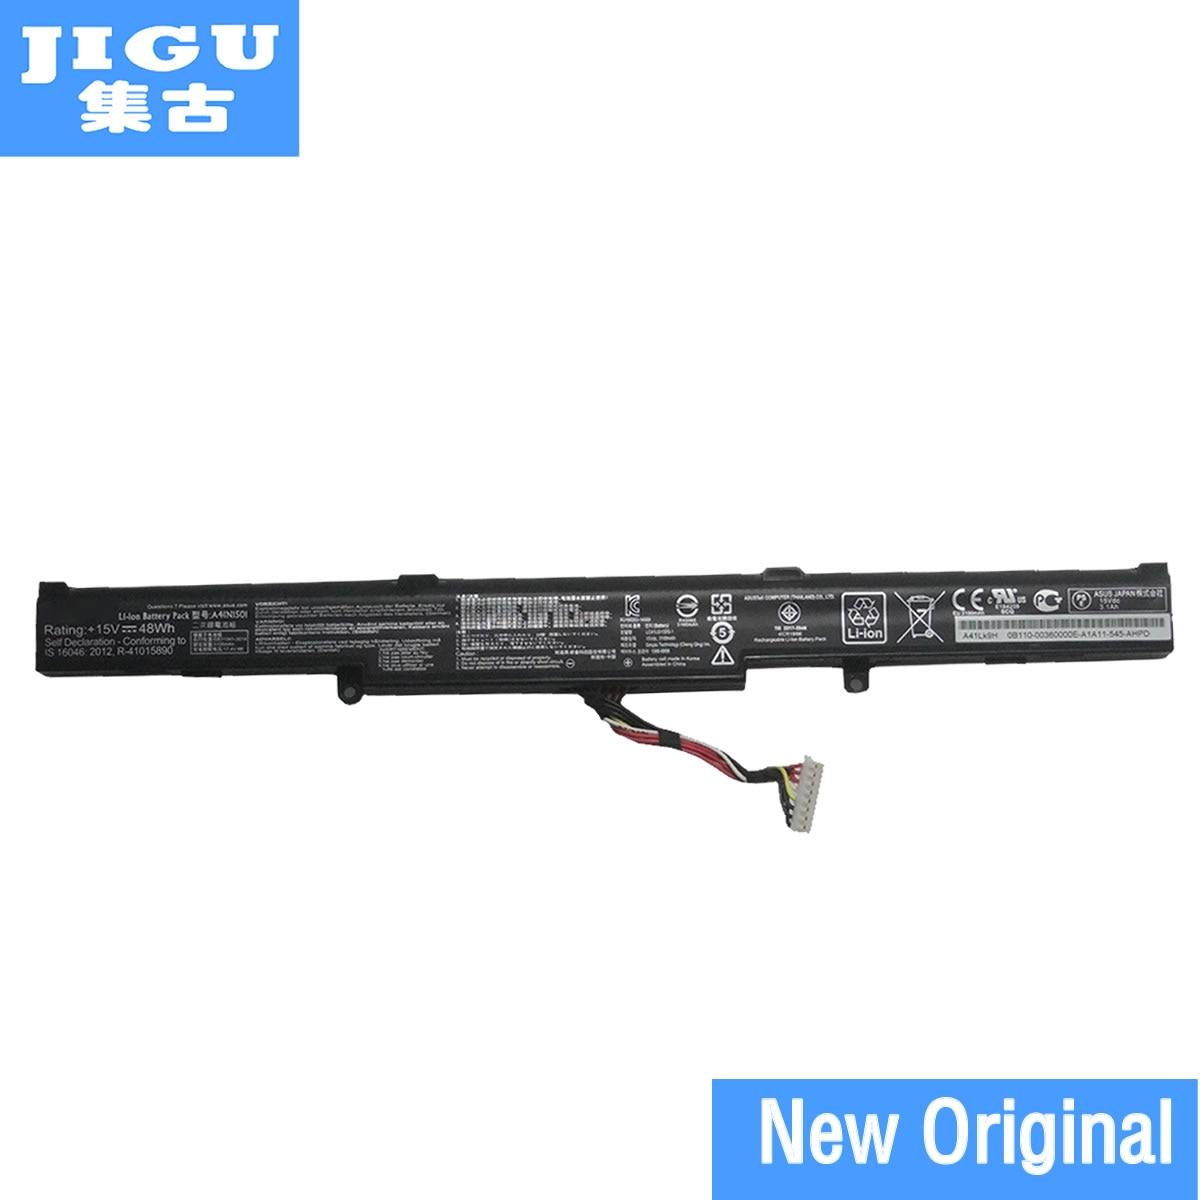 JIGU Original Laptop Battery A41Lk9H A41N1501 For ASUS GL752JW GL752VW Serie UX580GE N752 N752V For ZenBook Pro UX450 15V 48WHJIGU Original Laptop Battery A41Lk9H A41N1501 For ASUS GL752JW GL752VW Serie UX580GE N752 N752V For ZenBook Pro UX450 15V 48WH